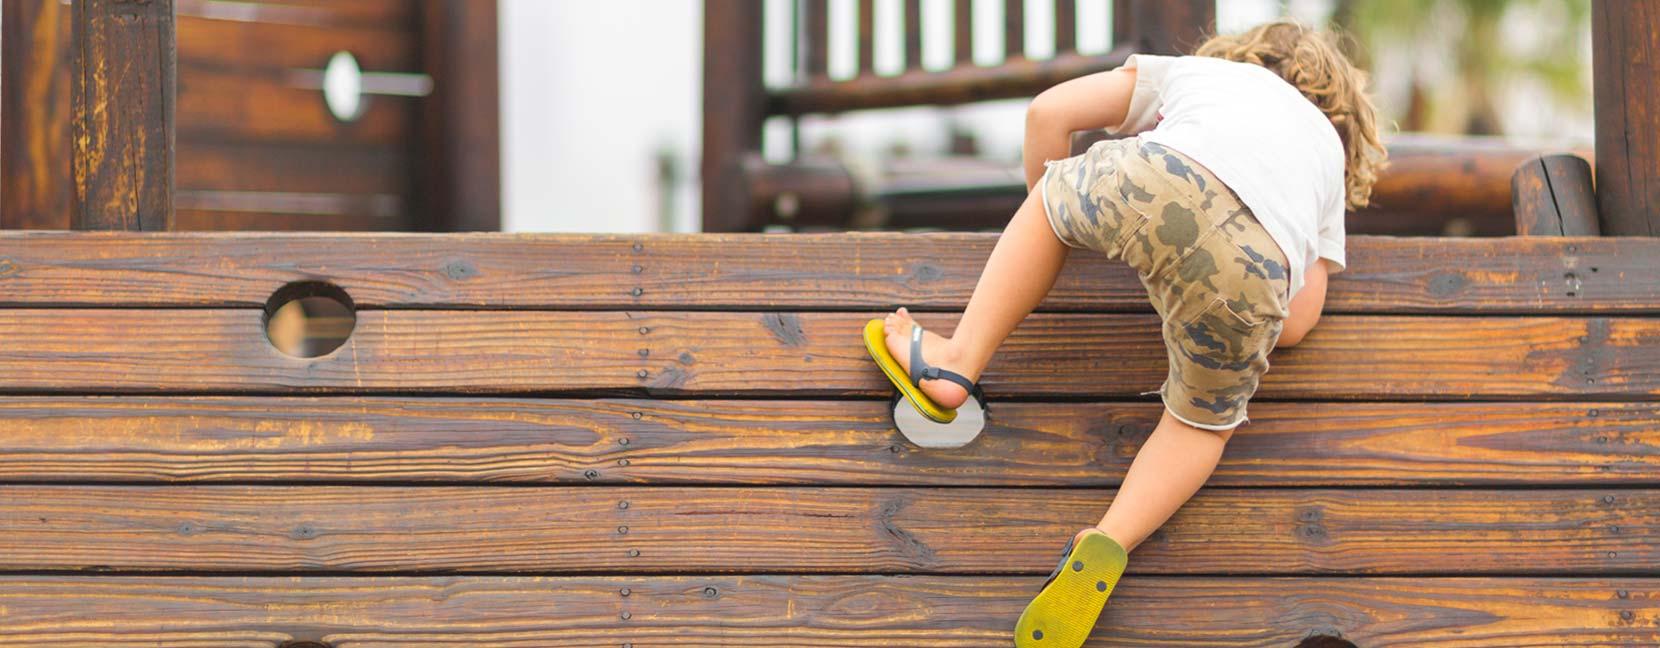 Bambino si arrampica su un muro-ostacolo